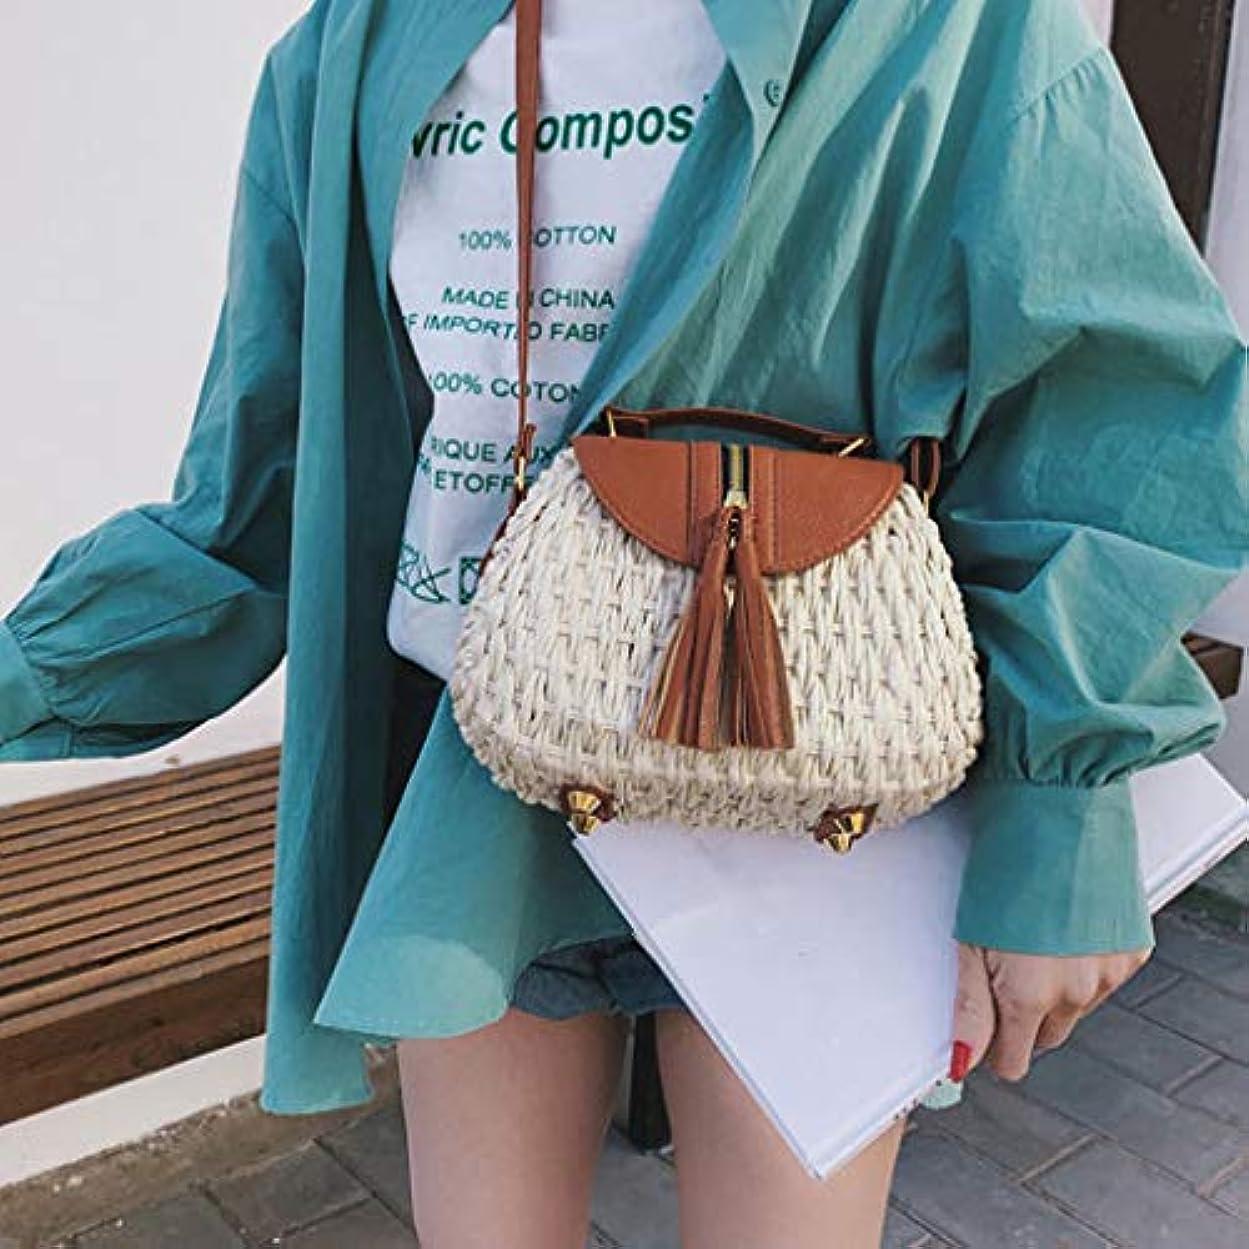 病なシーケンス中絶女性の流行のタッセルはショルダー?バッグ、女性浜の余暇のクロスボディ袋を織ります、女性のタッセルは浜様式のメッセンジャー袋を織ります、女性方法対照色のビーチ様式のメッセンジャー袋 (ベージュ)